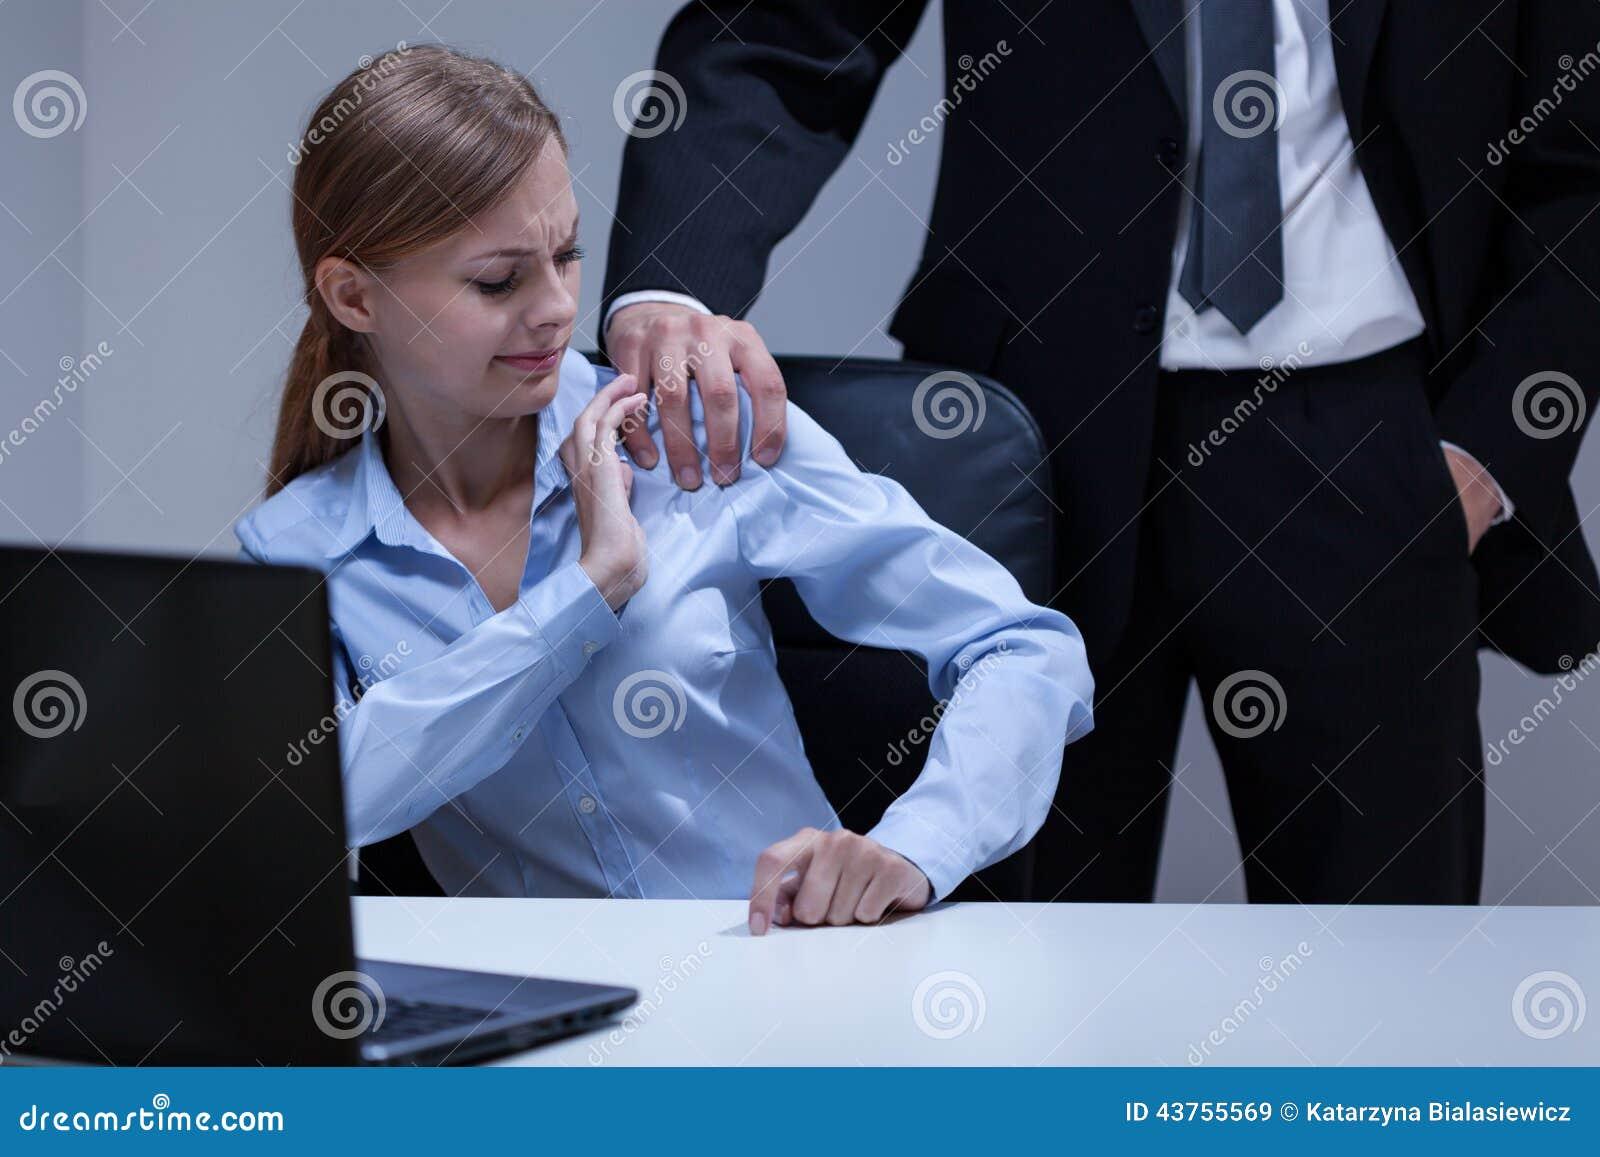 скрытие камера с домогательством в офисе